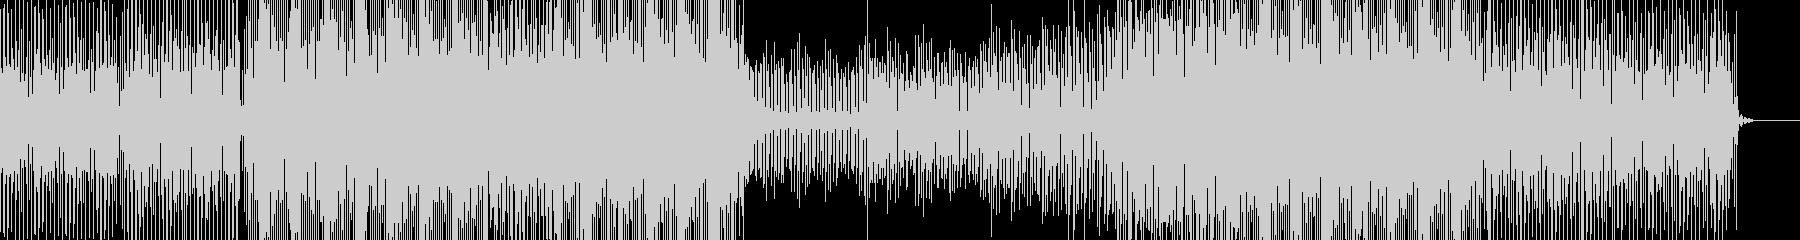 とても盛り上がる曲ですの未再生の波形